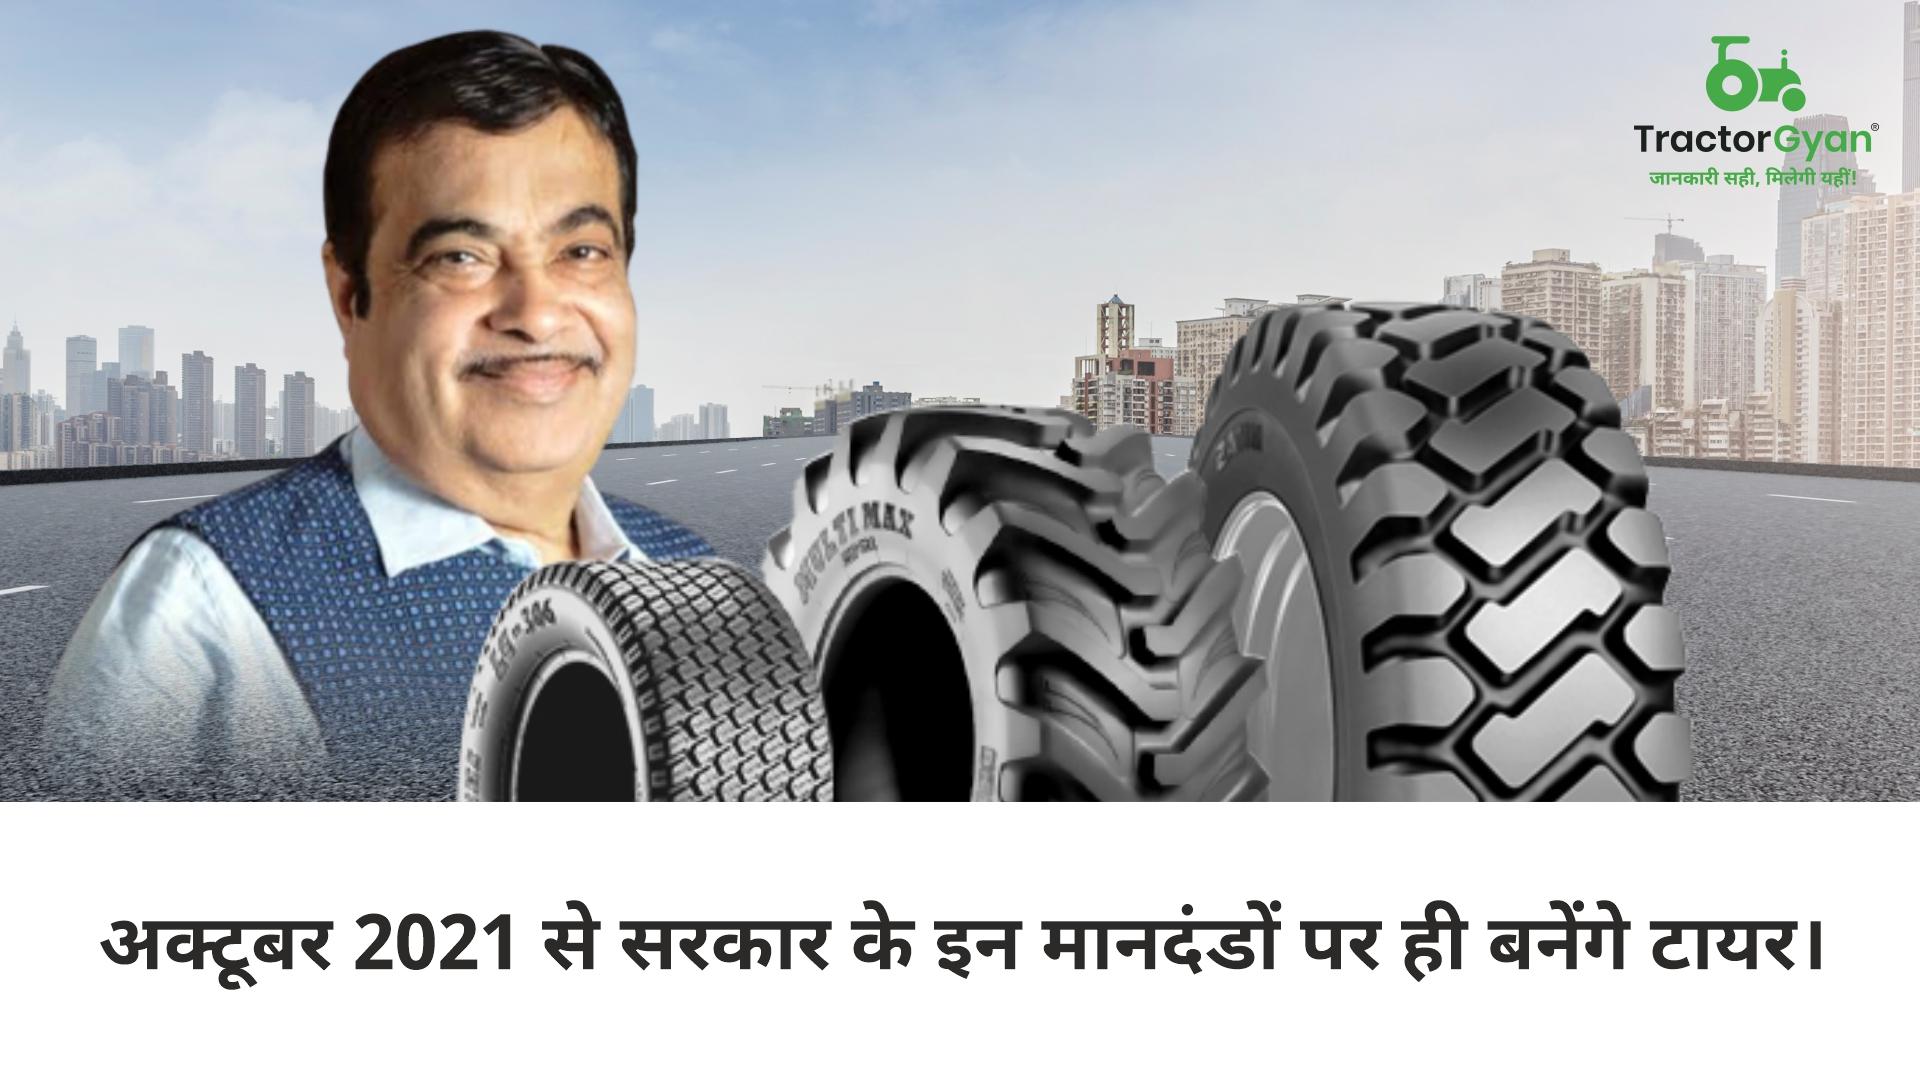 अक्टूबर 2021 से सरकार के इन मानदंडों पर ही बनेंगे टायर।